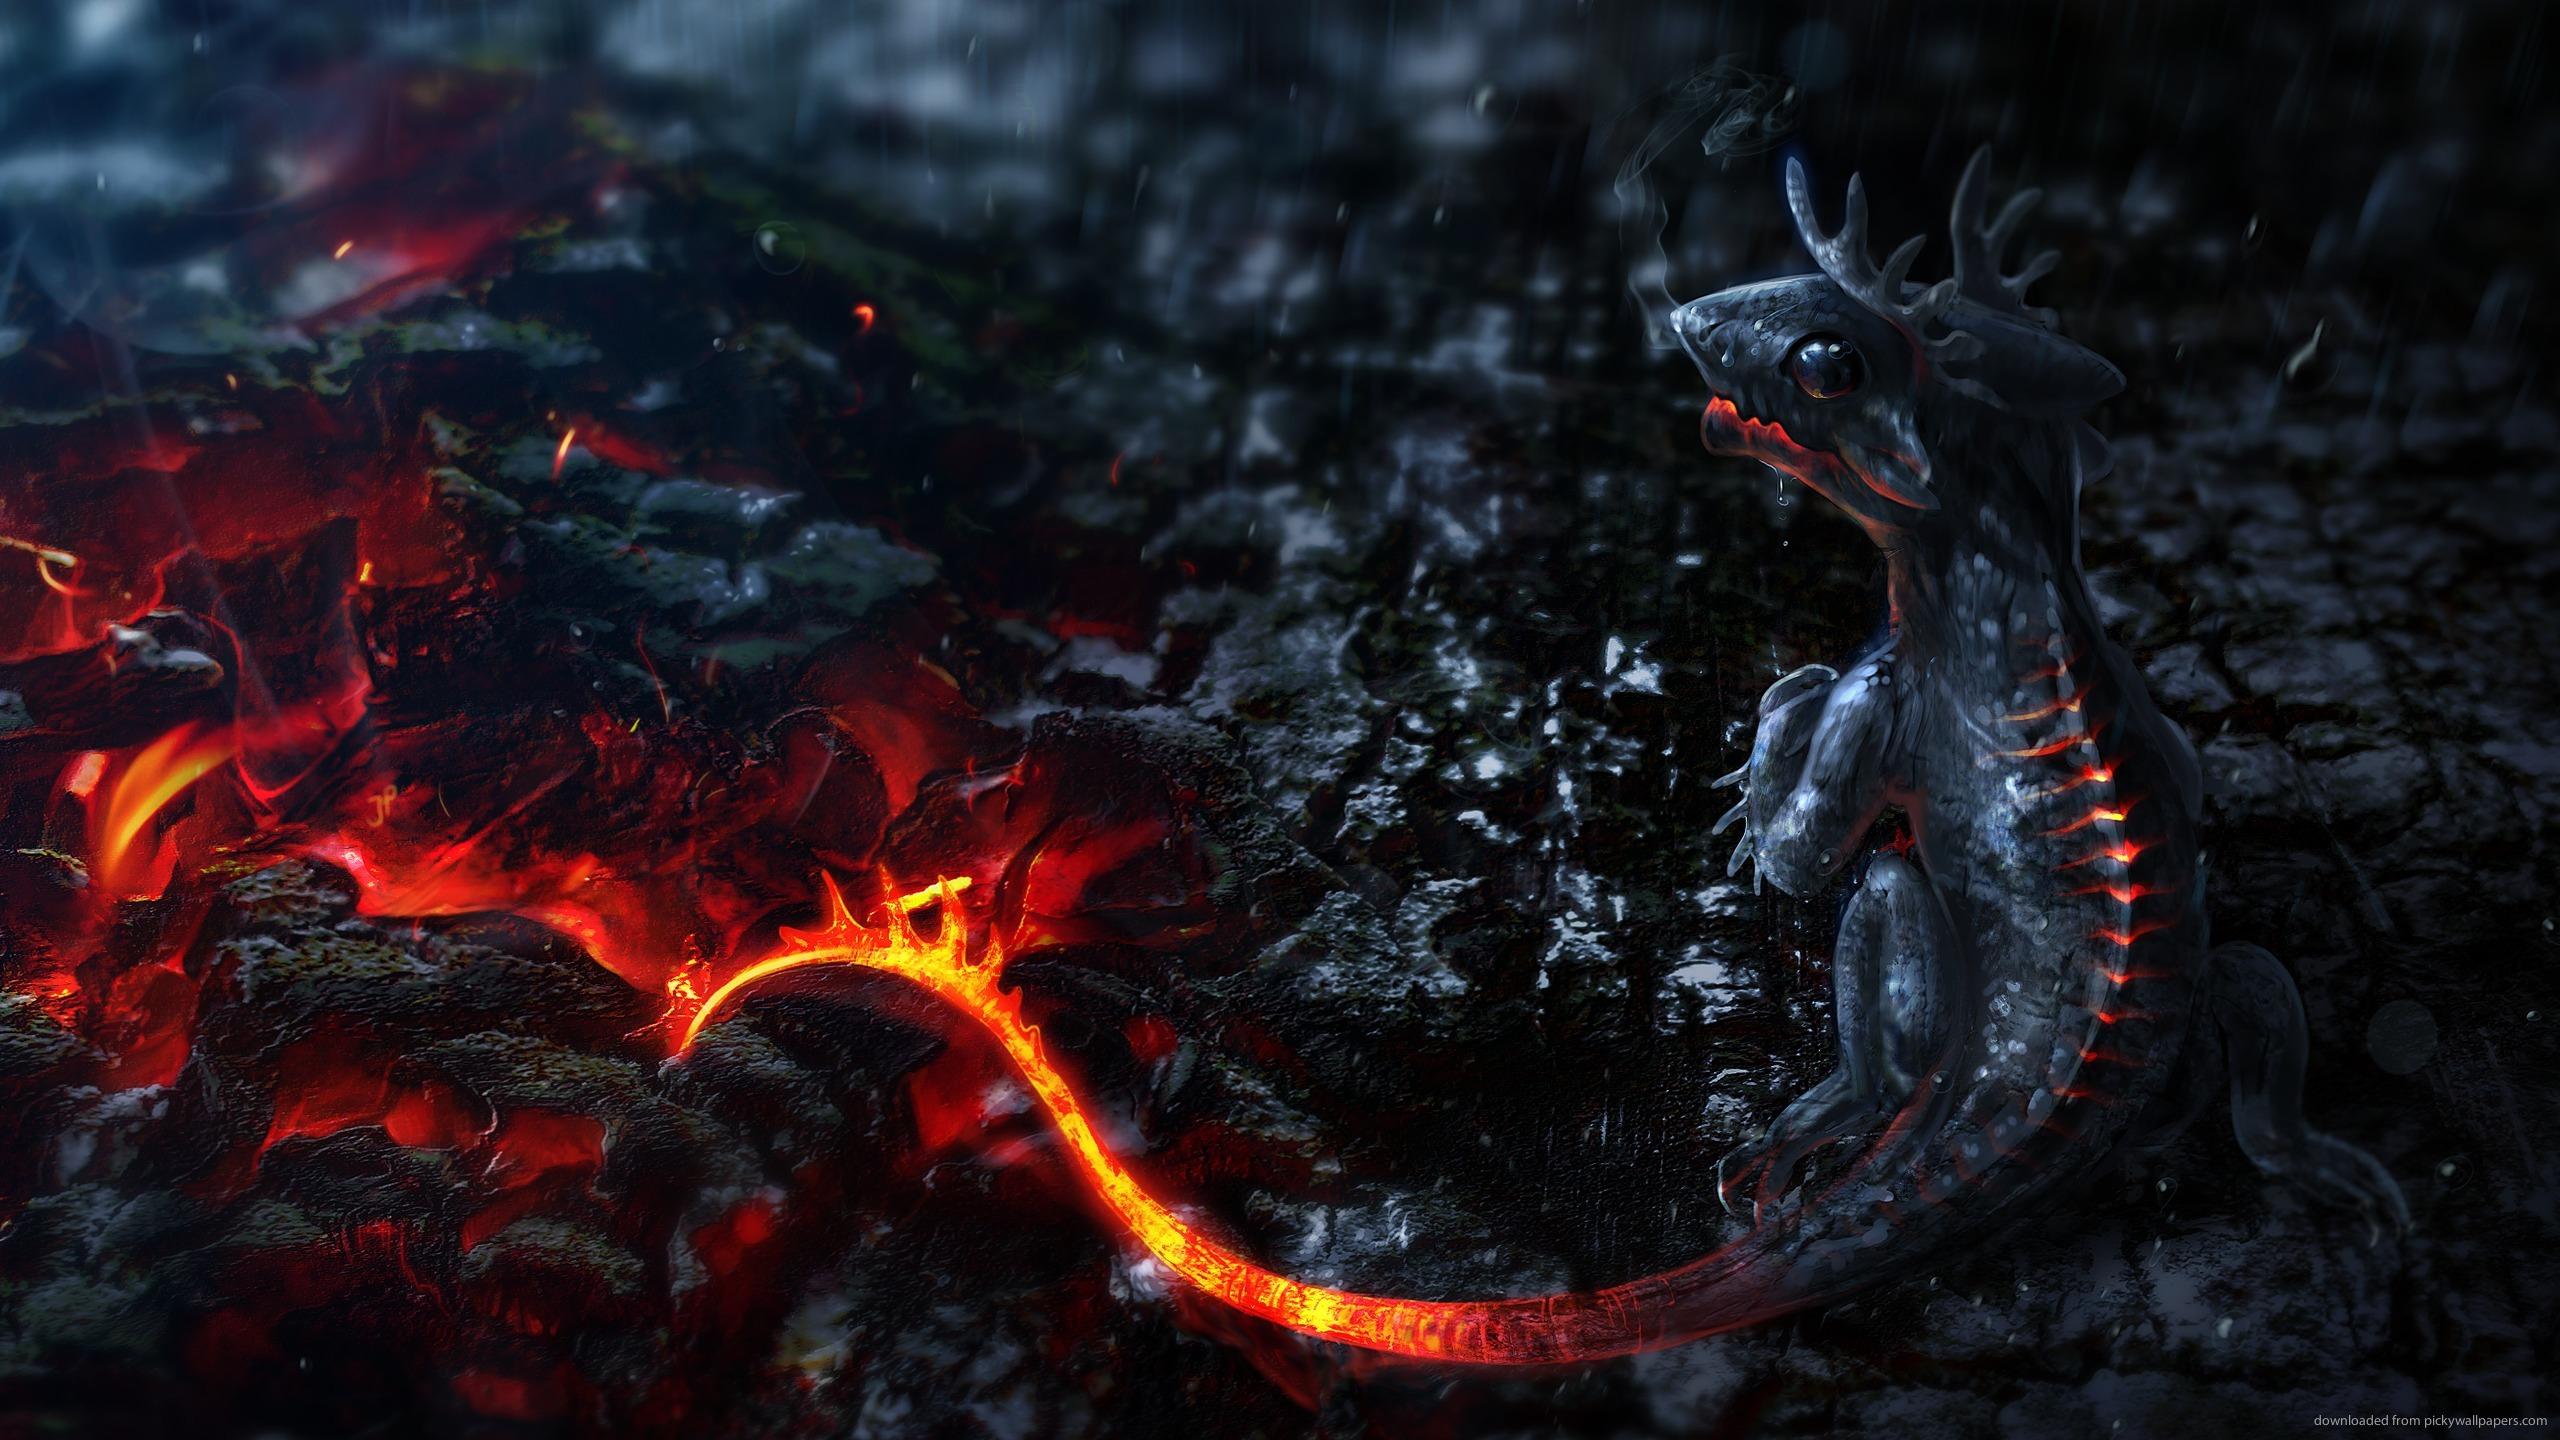 dragon wallpaper 1600x1200 - photo #40